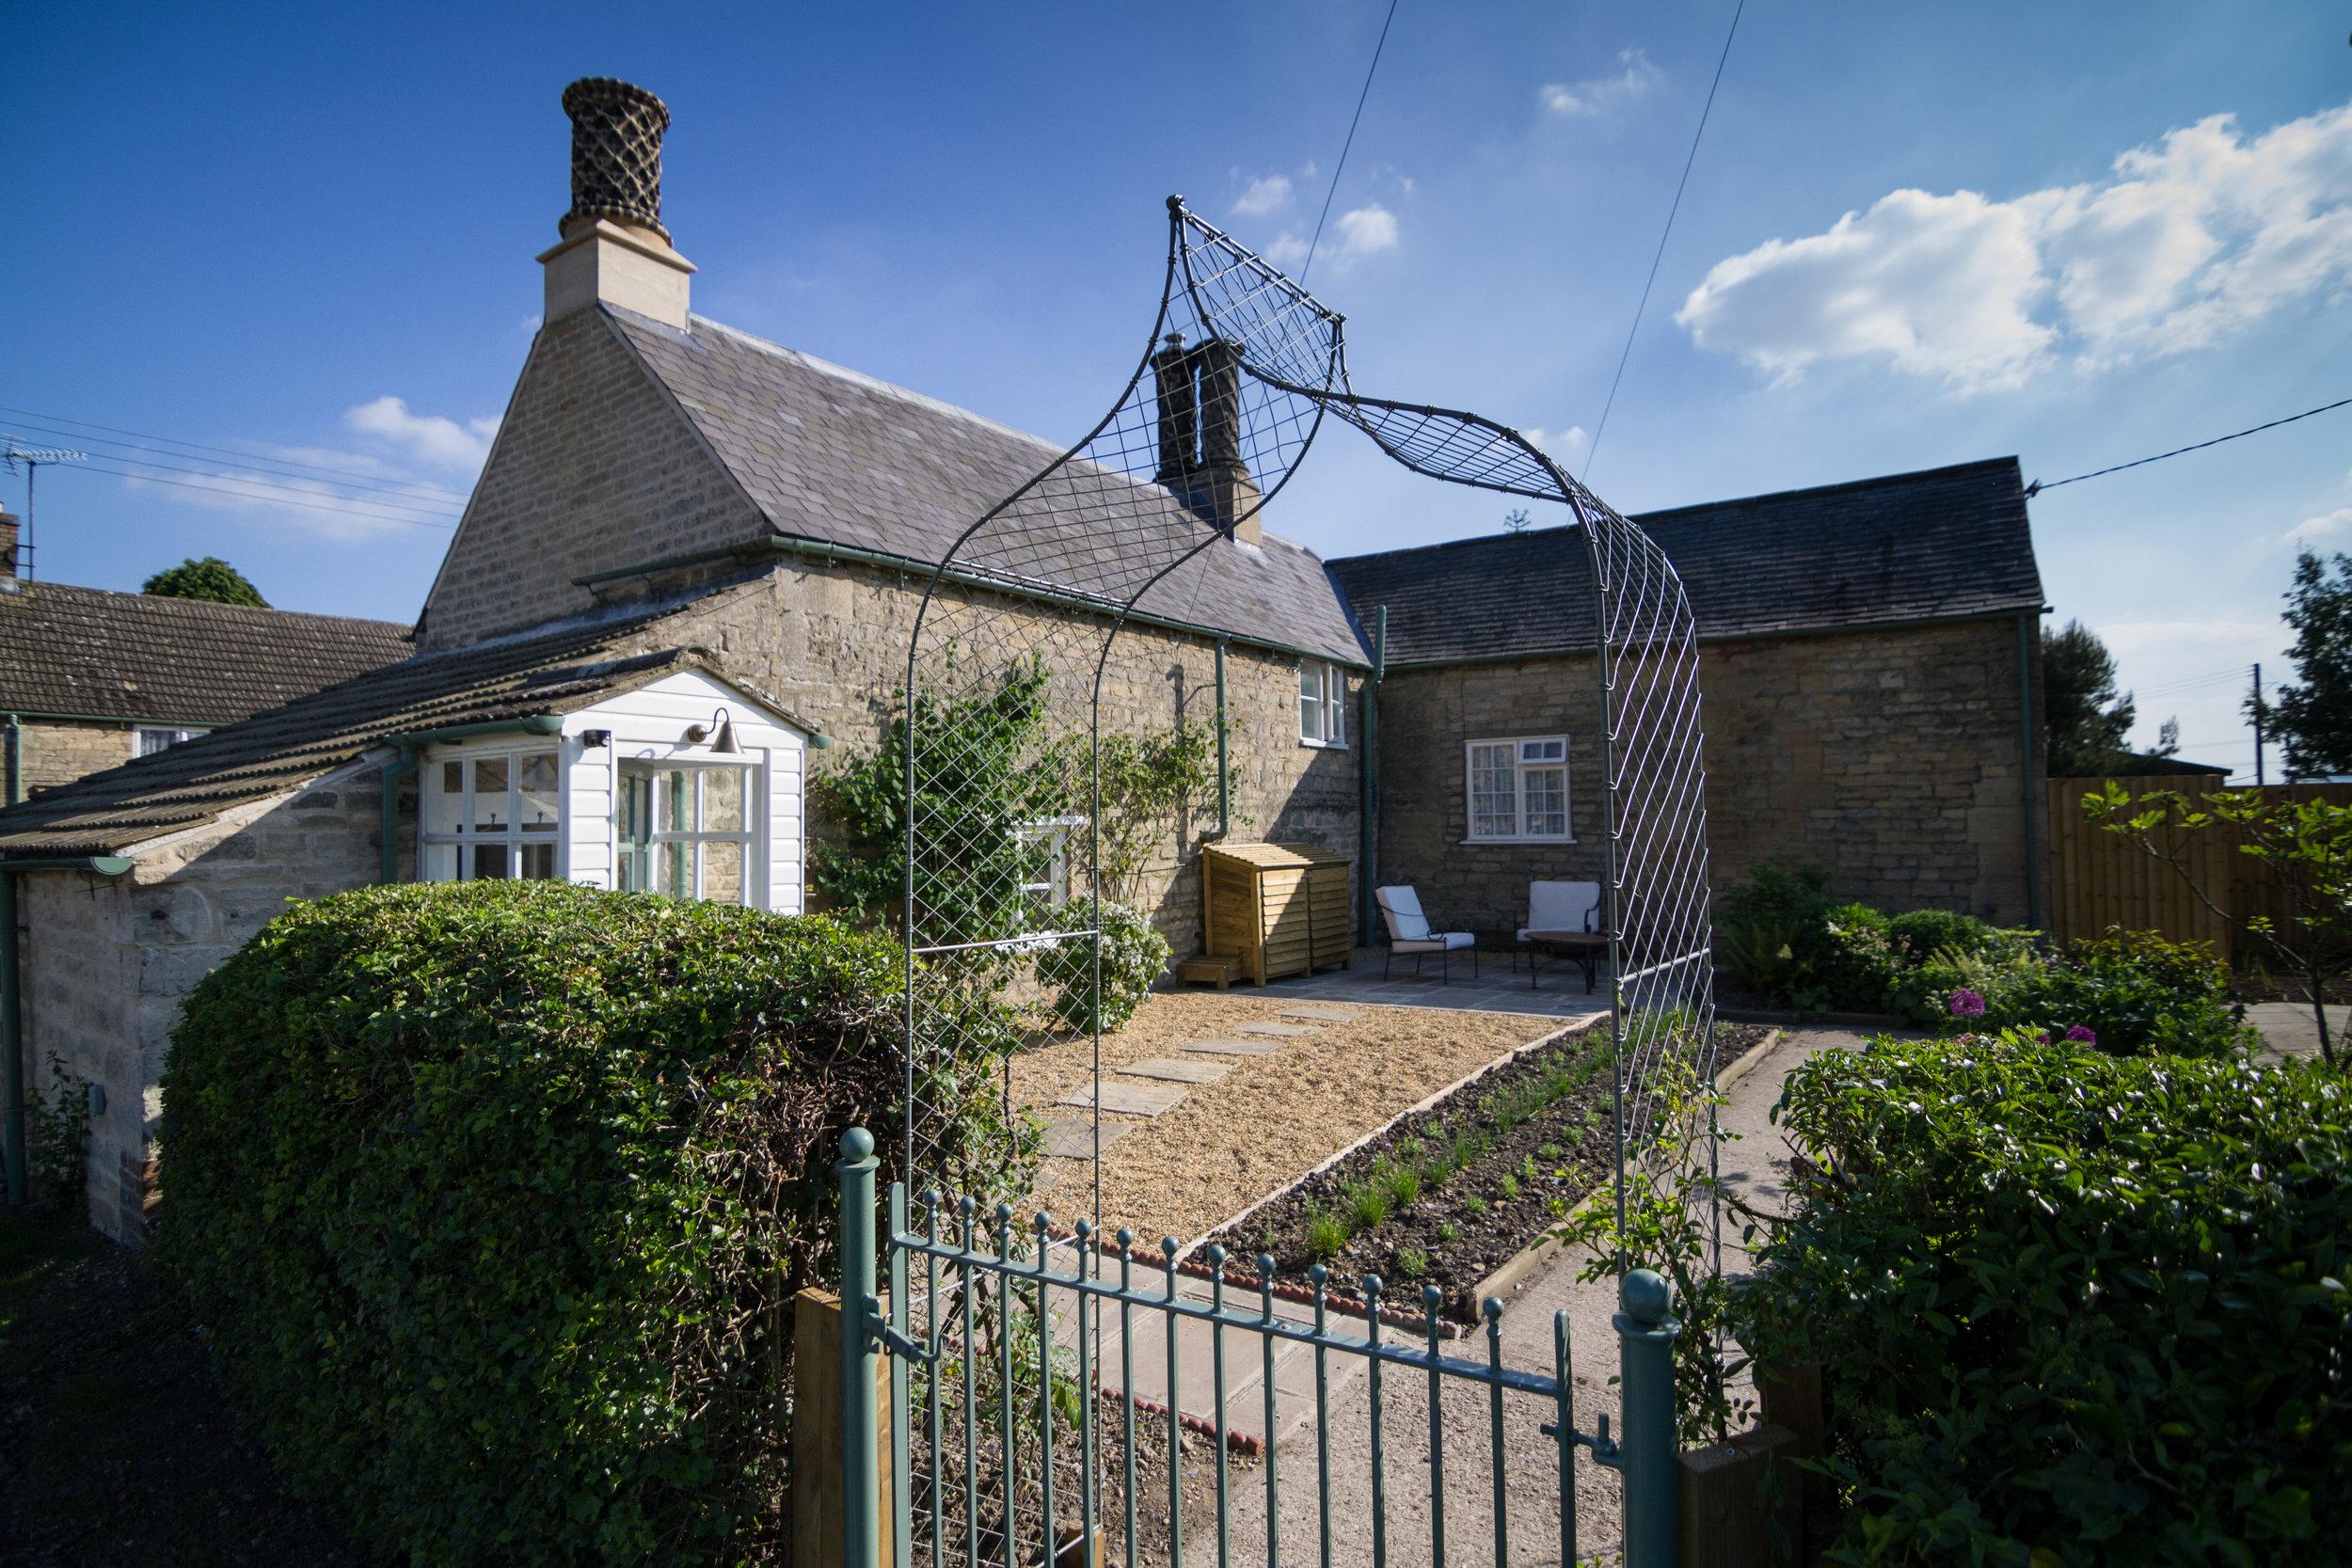 The School House, Burton-le-Coggles